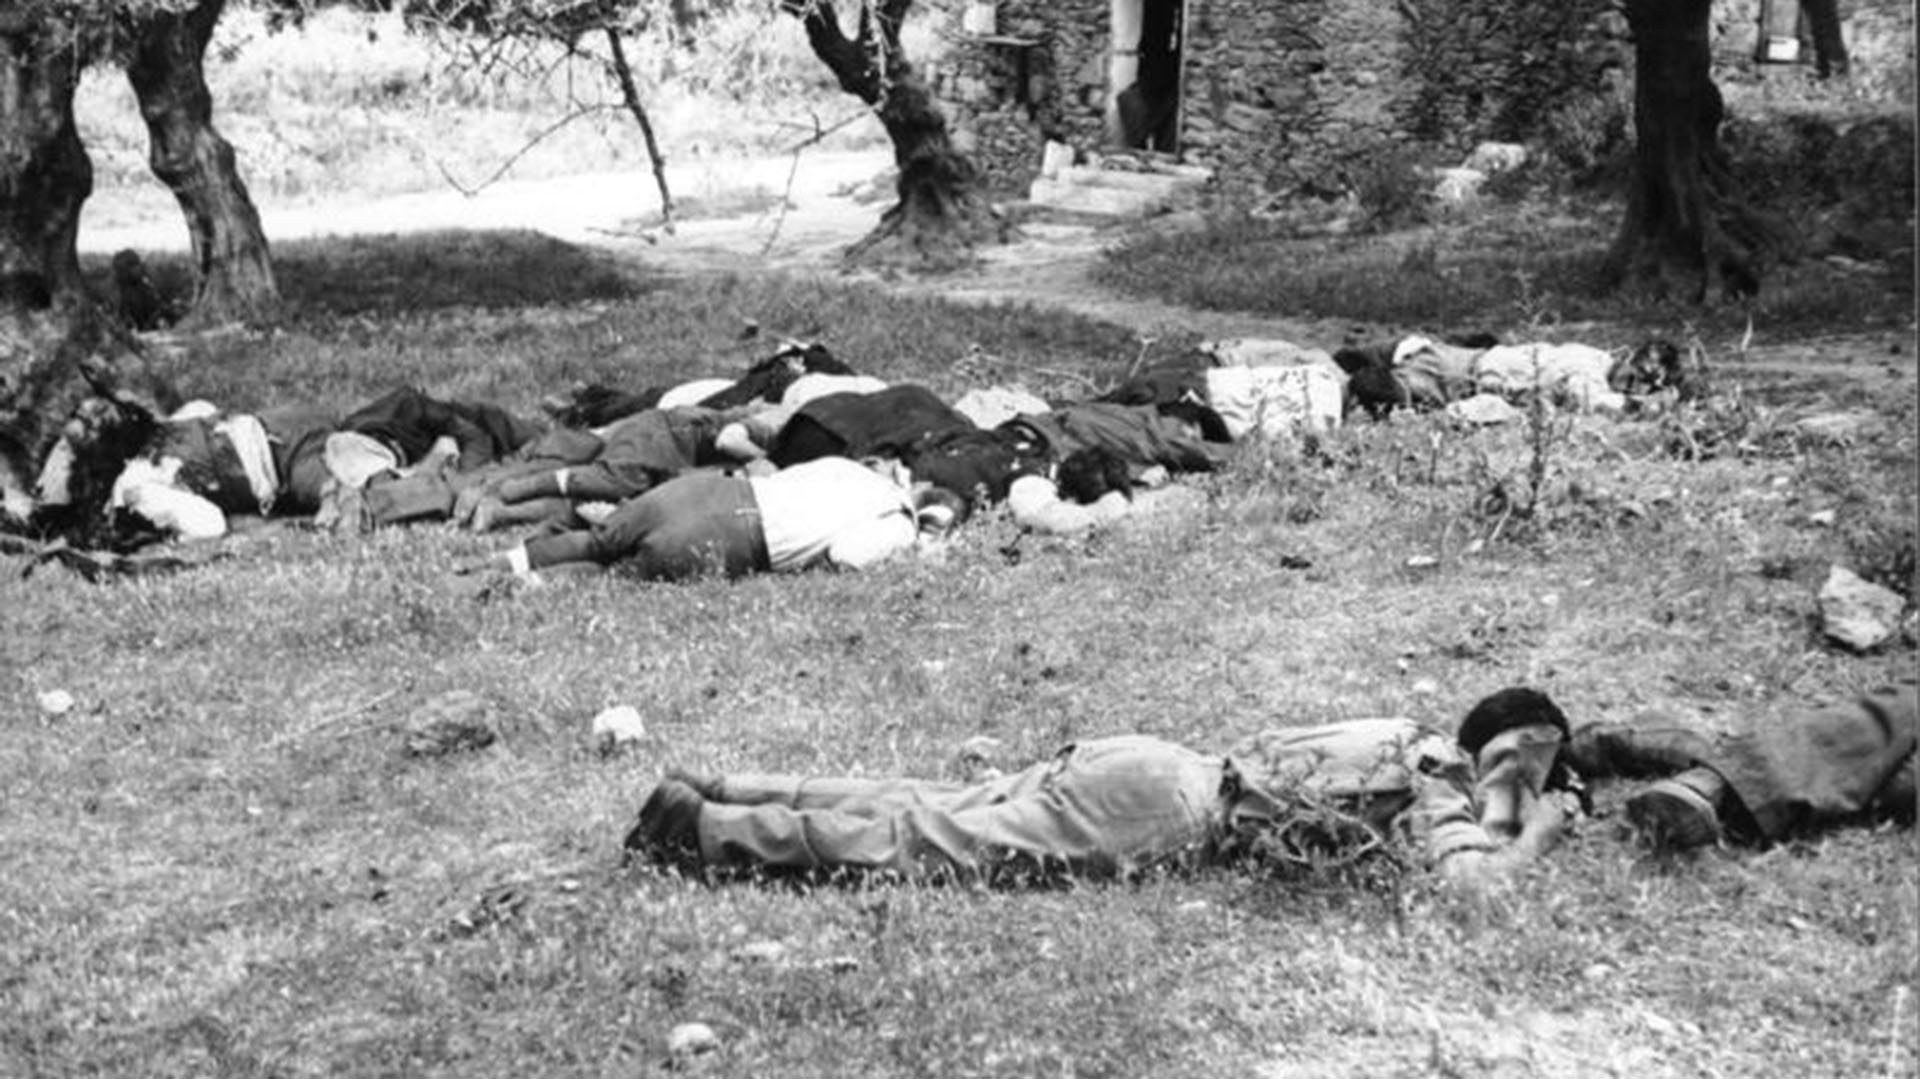 Cretenses fusilados durante las ejecuciones de los paracaidistas nazis en la isla de Creta.